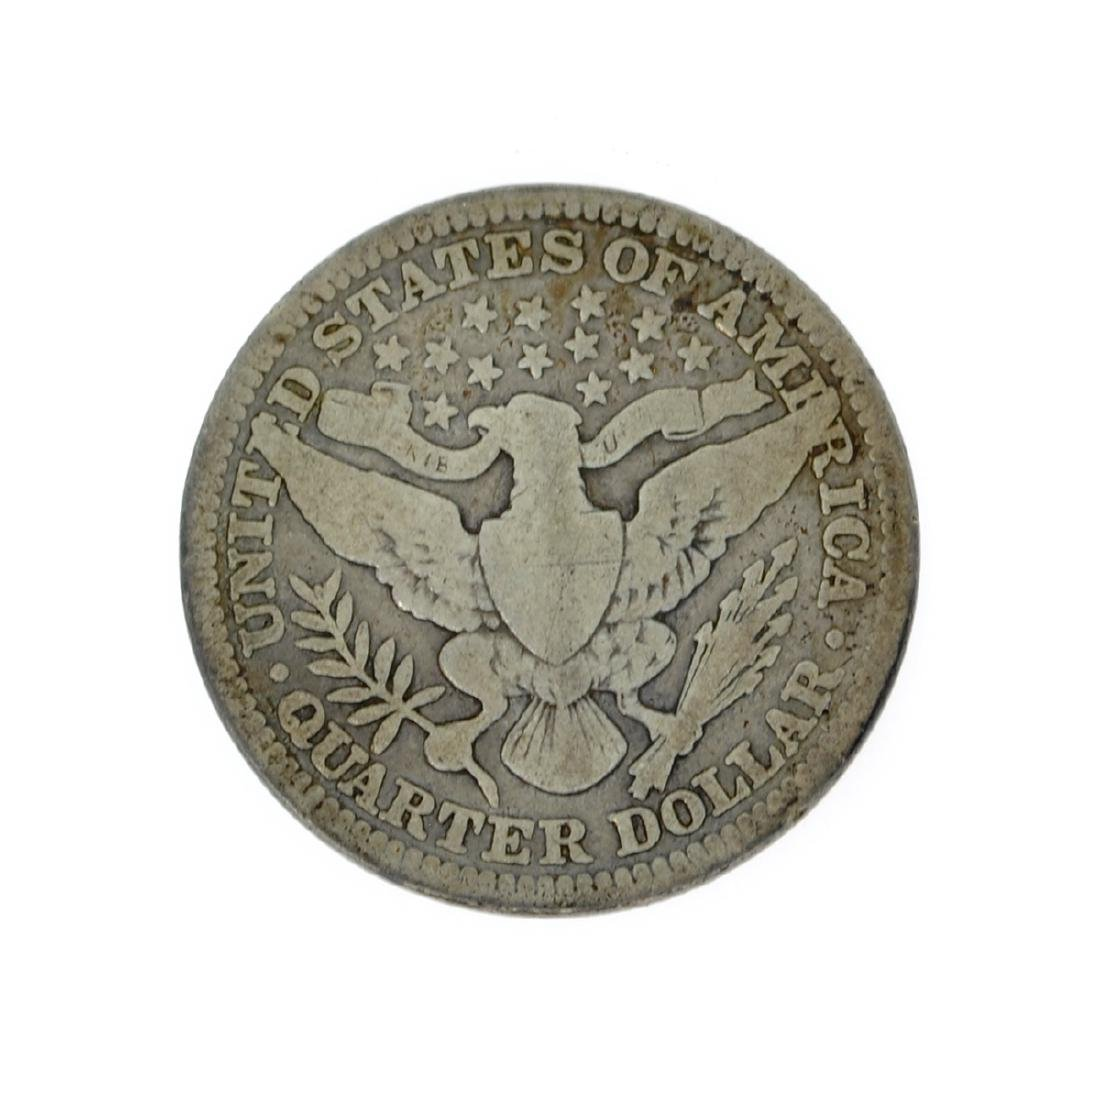 Rare 1909 Barber Quarter Dollar Coin - 2